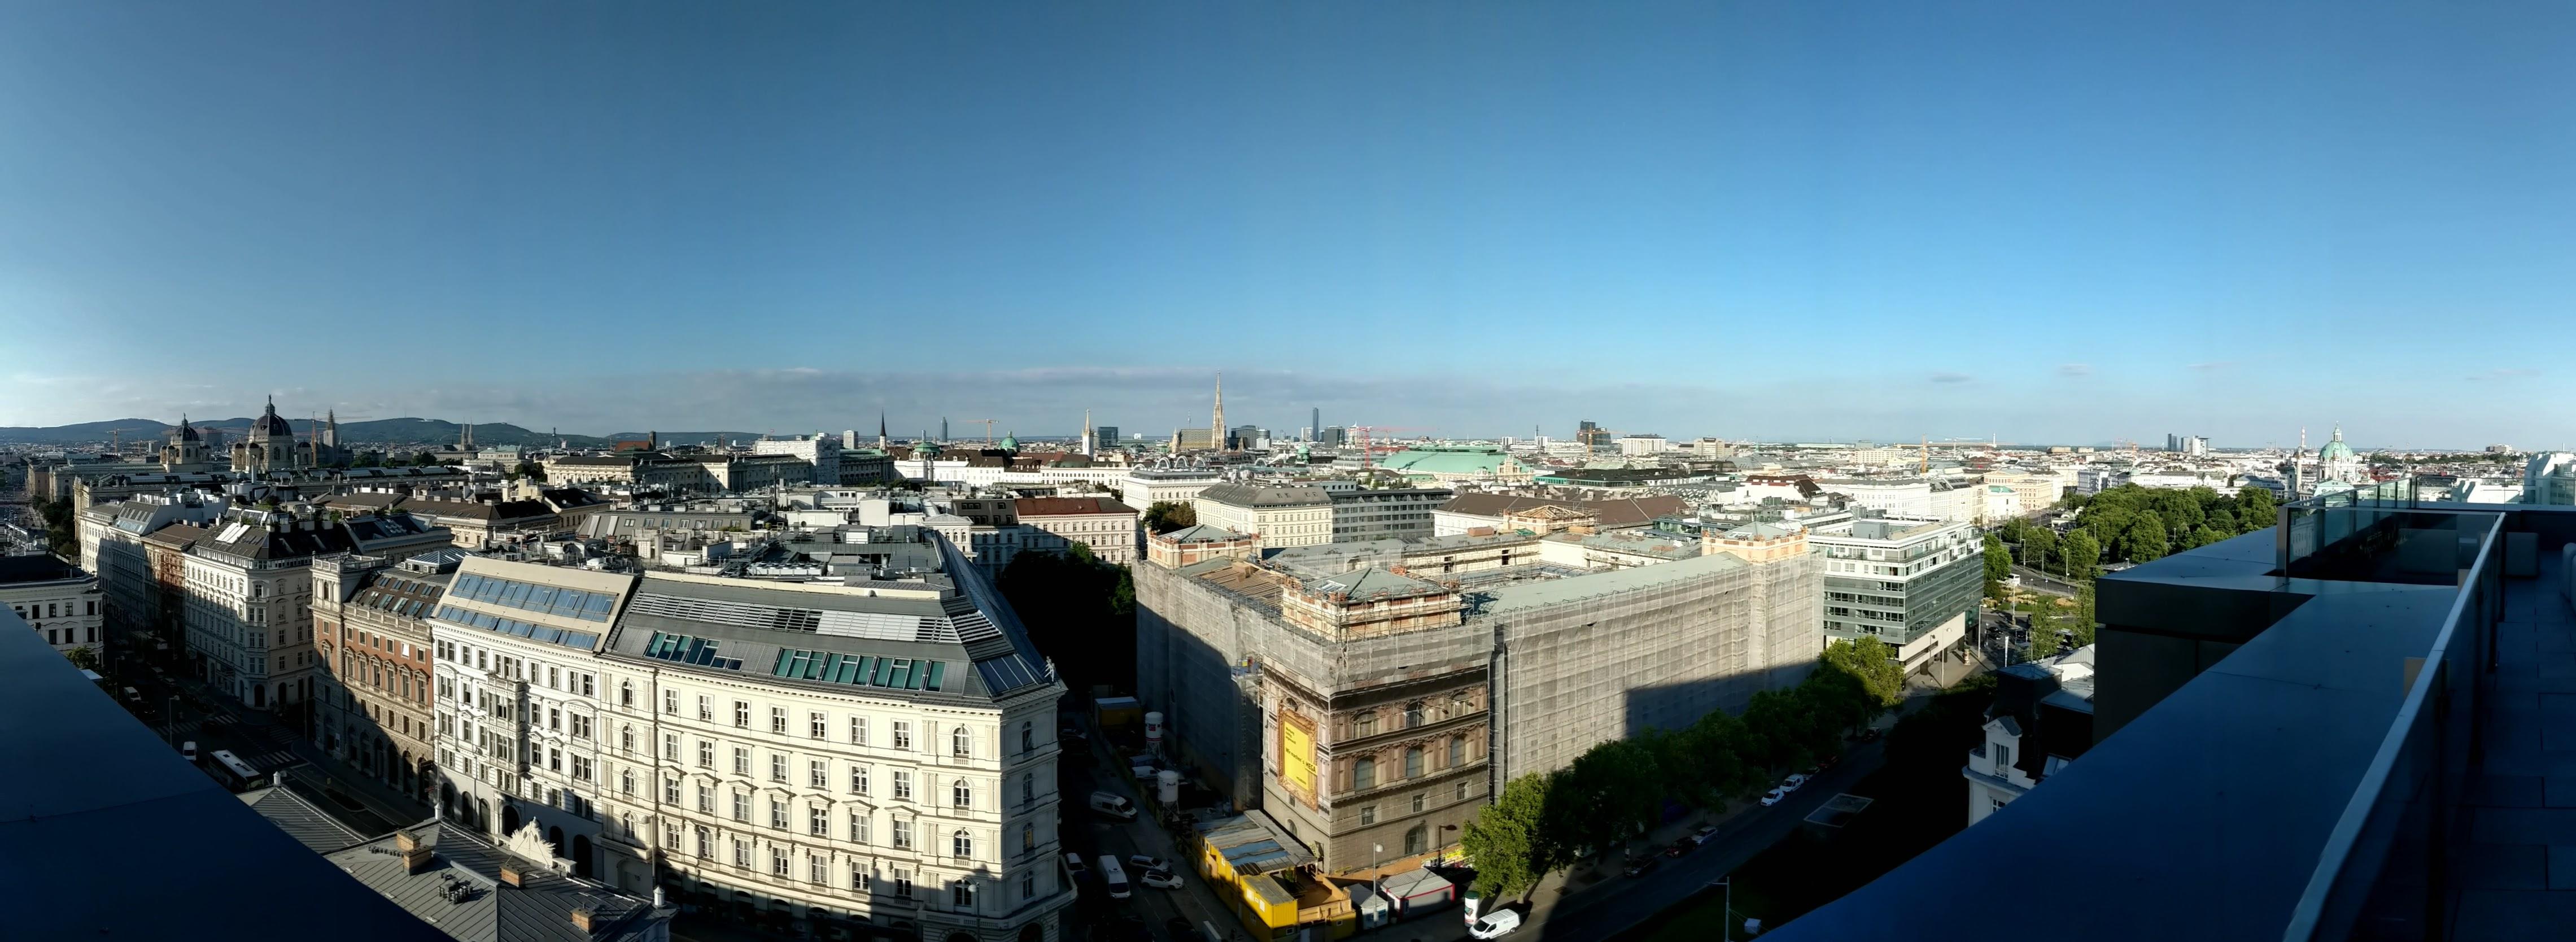 Foto vom Ausblick über Wien aus dem Konferenzsaal TUtheSky der TU Wien.